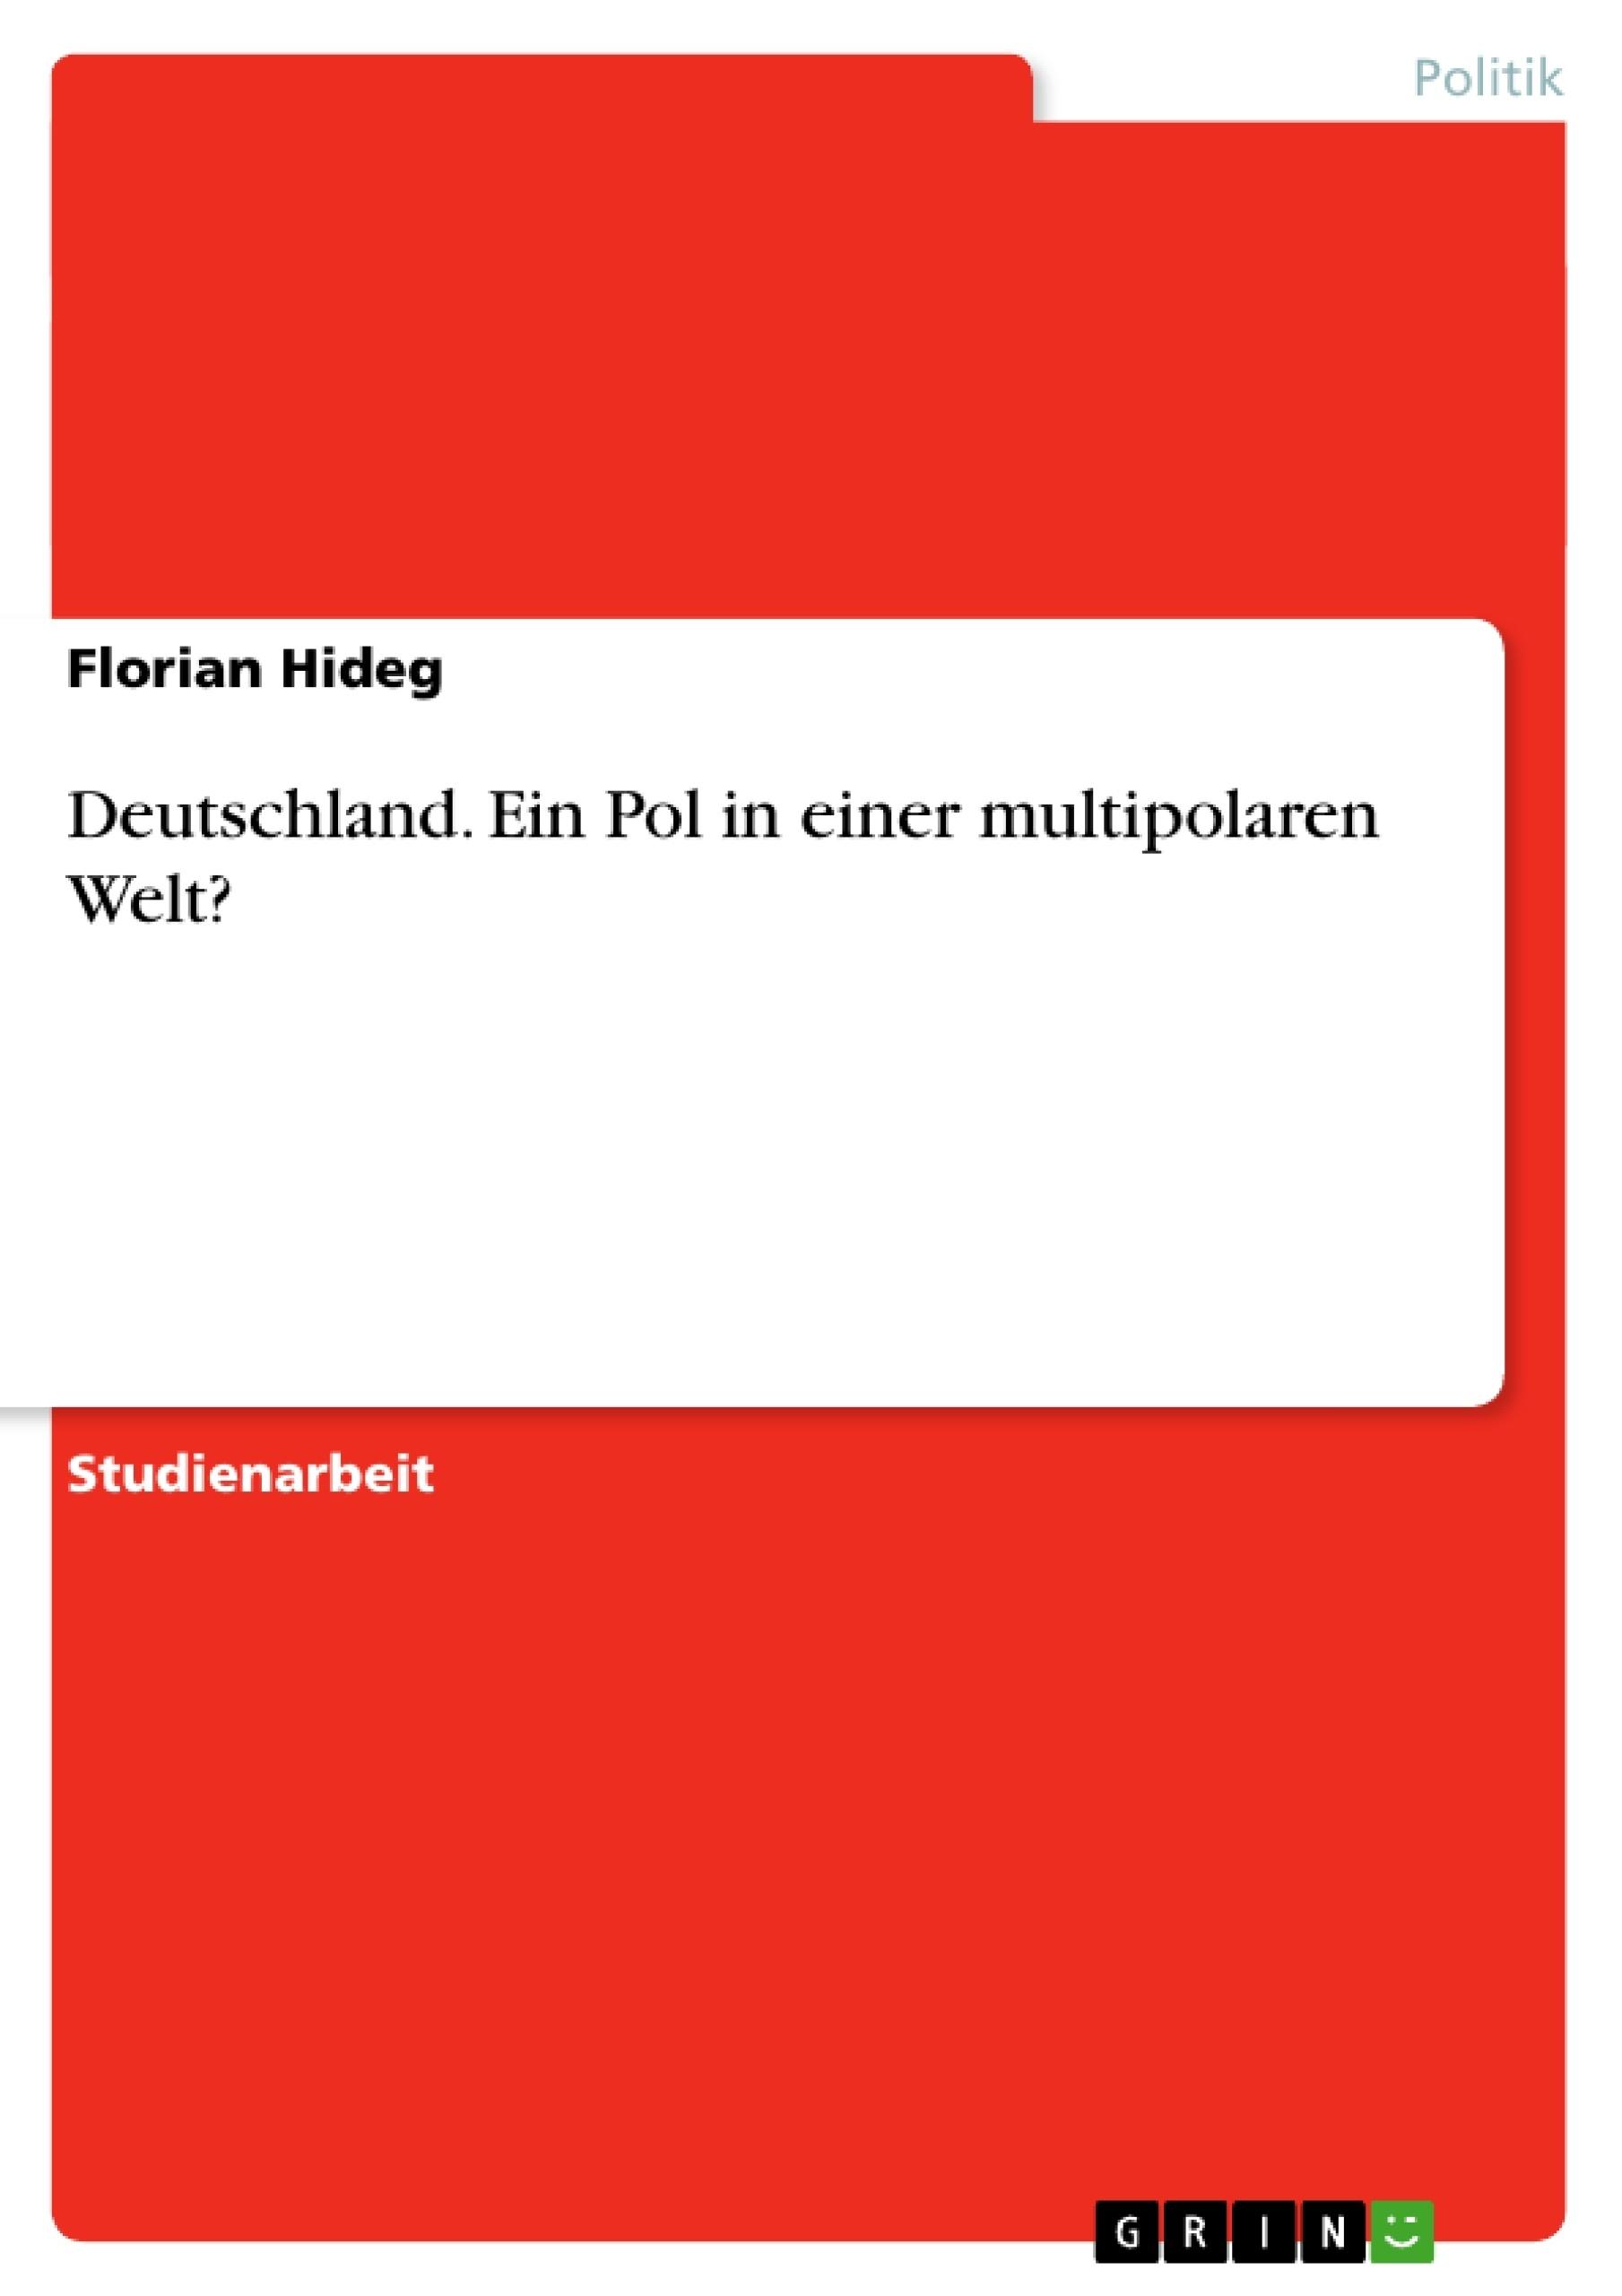 Titel: Deutschland. Ein Pol in einer multipolaren Welt?